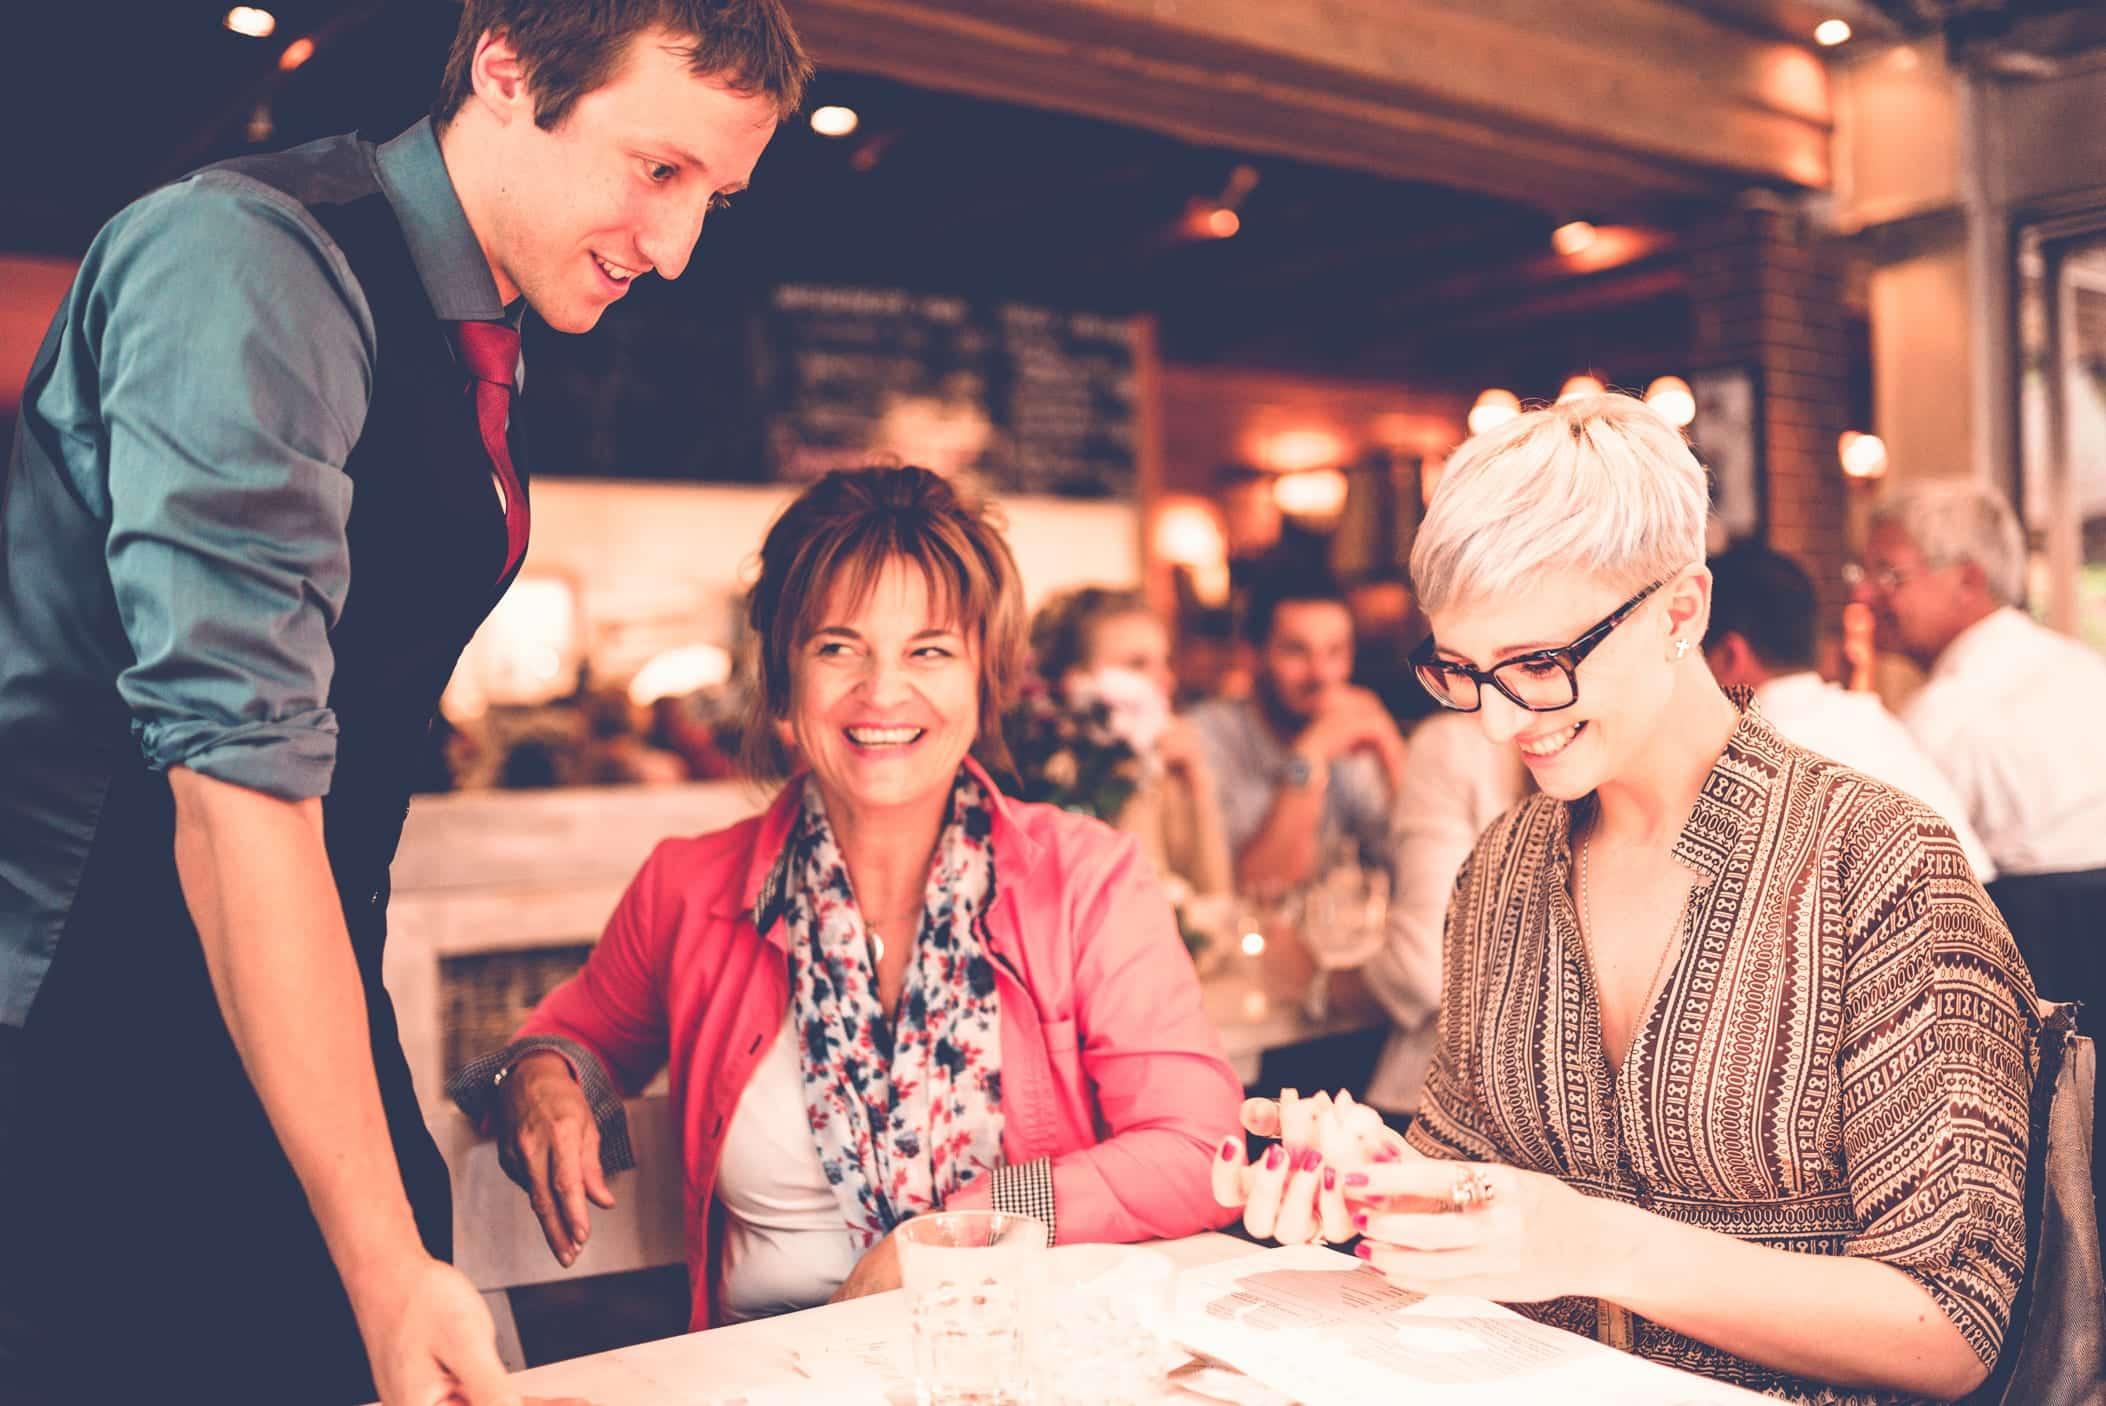 Auf einem Networking Event unterstützt der Zauberer die Gäste dabei sich kennen zu lernen. Dazu zeigt er ihnen unmögliche Effekt, über die sie sich dann unterhalten können.